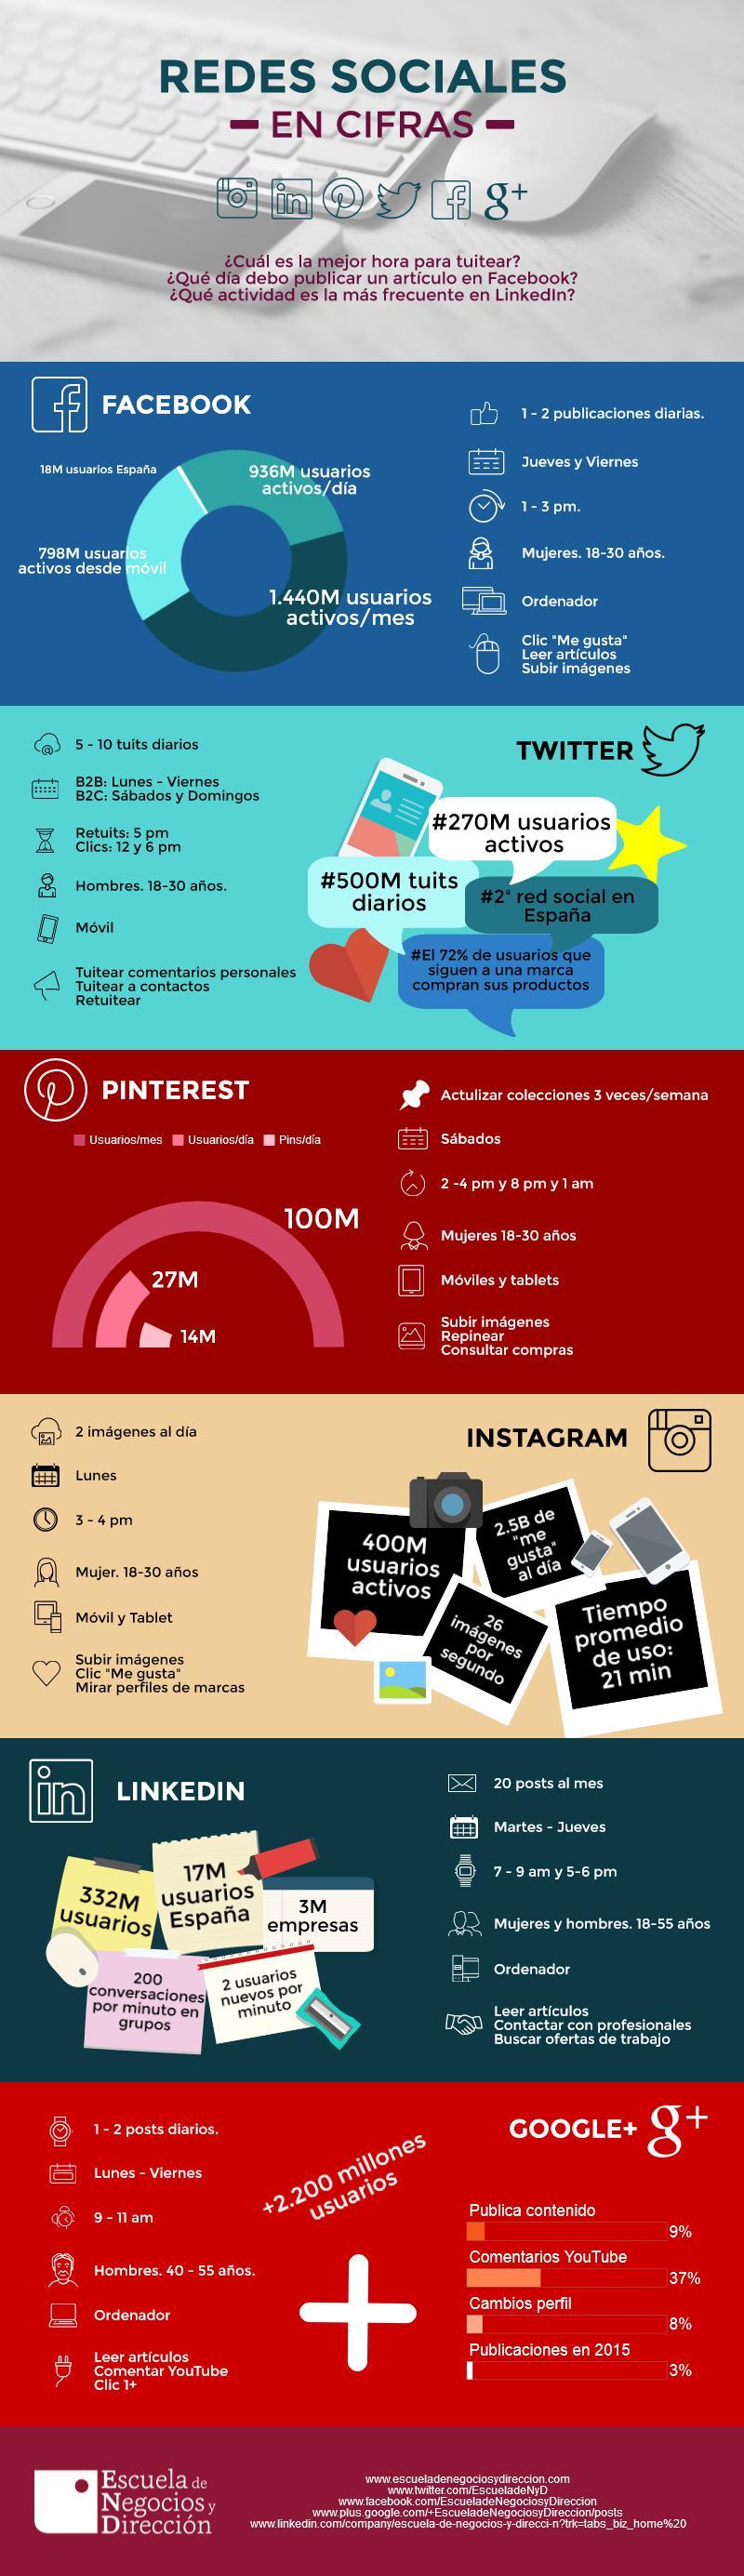 redes-sociales-cifras-enyd